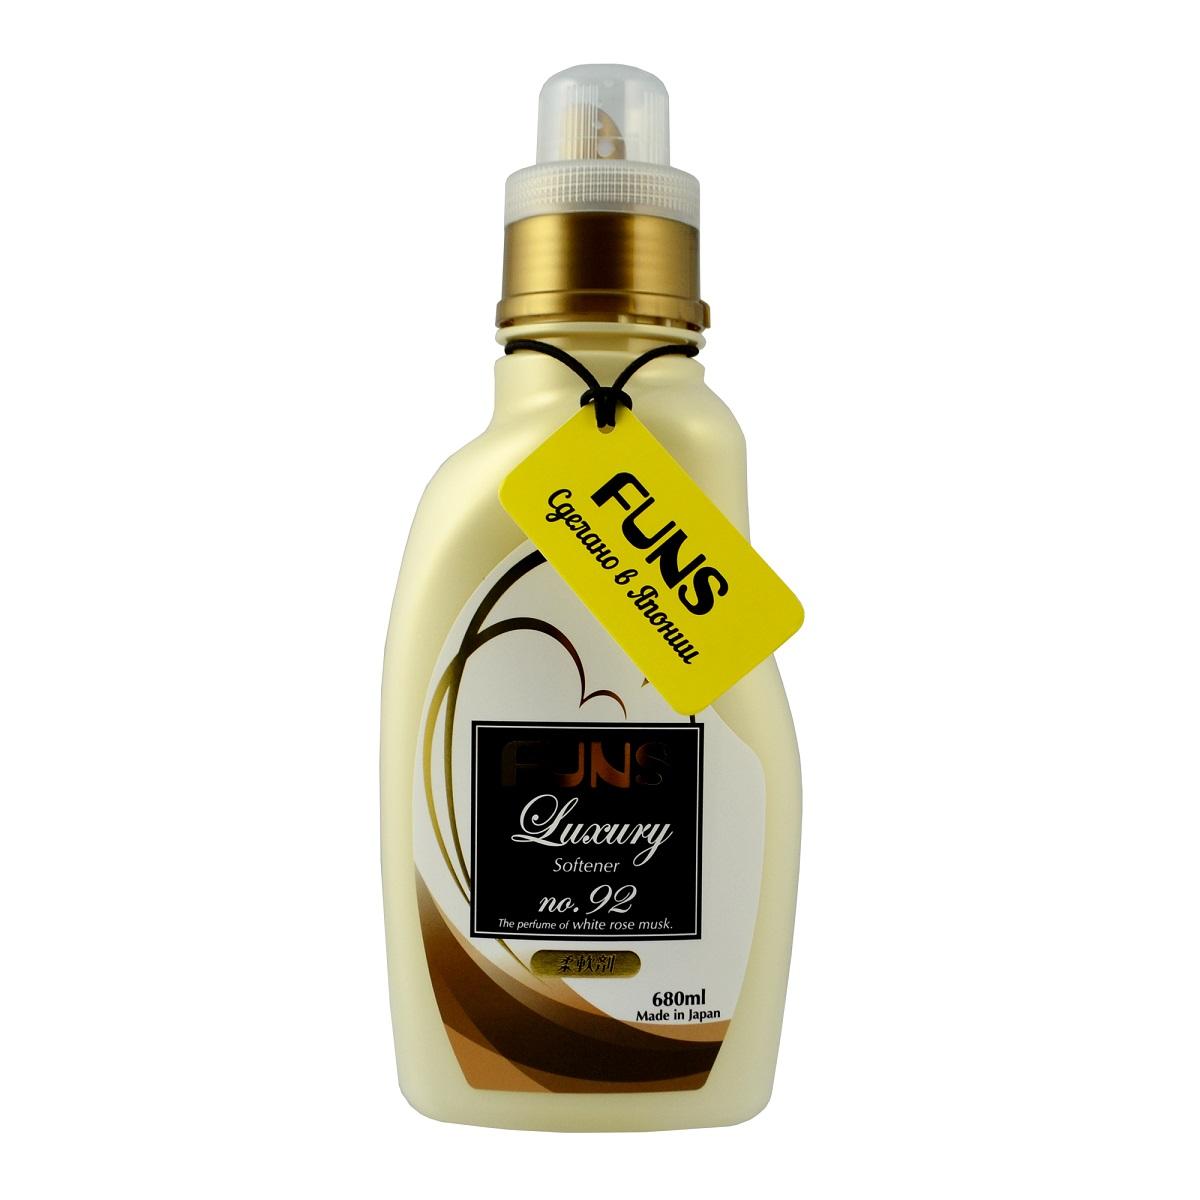 FUNS Кондиционер парфюмированный для белья с ароматом белой мускусной розы 680 мл10049Концентрированный кондиционер для белья Funs Luxury Softener придаствашим вещам мягкость и сделает их приятными наощупь. Подходит дляхлопчатобумажных, шерстяных, льняных и синтетических тканей, а также любыхделикатных тканей (шелка и шерсти). Кондиционер предотвращает появлениестатического электричества, а также облегчает глажку белья. Обладает приятнымароматом, который сохраняется на долгое время, даже после сушки белья.Благодаря противомикробному и дезодорирующему действию кондиционерустраняет бактерии, способствующие появлению неприятного запаха.Кондиционер безопасен при контакте с кожей человека, не сушит и не раздражаеткожу рук во время стирки.Подходит как для ручной, так и машинной стирки.Состав: ПАВ (эфир типа диалкил аммония). Товар сертифицирован.